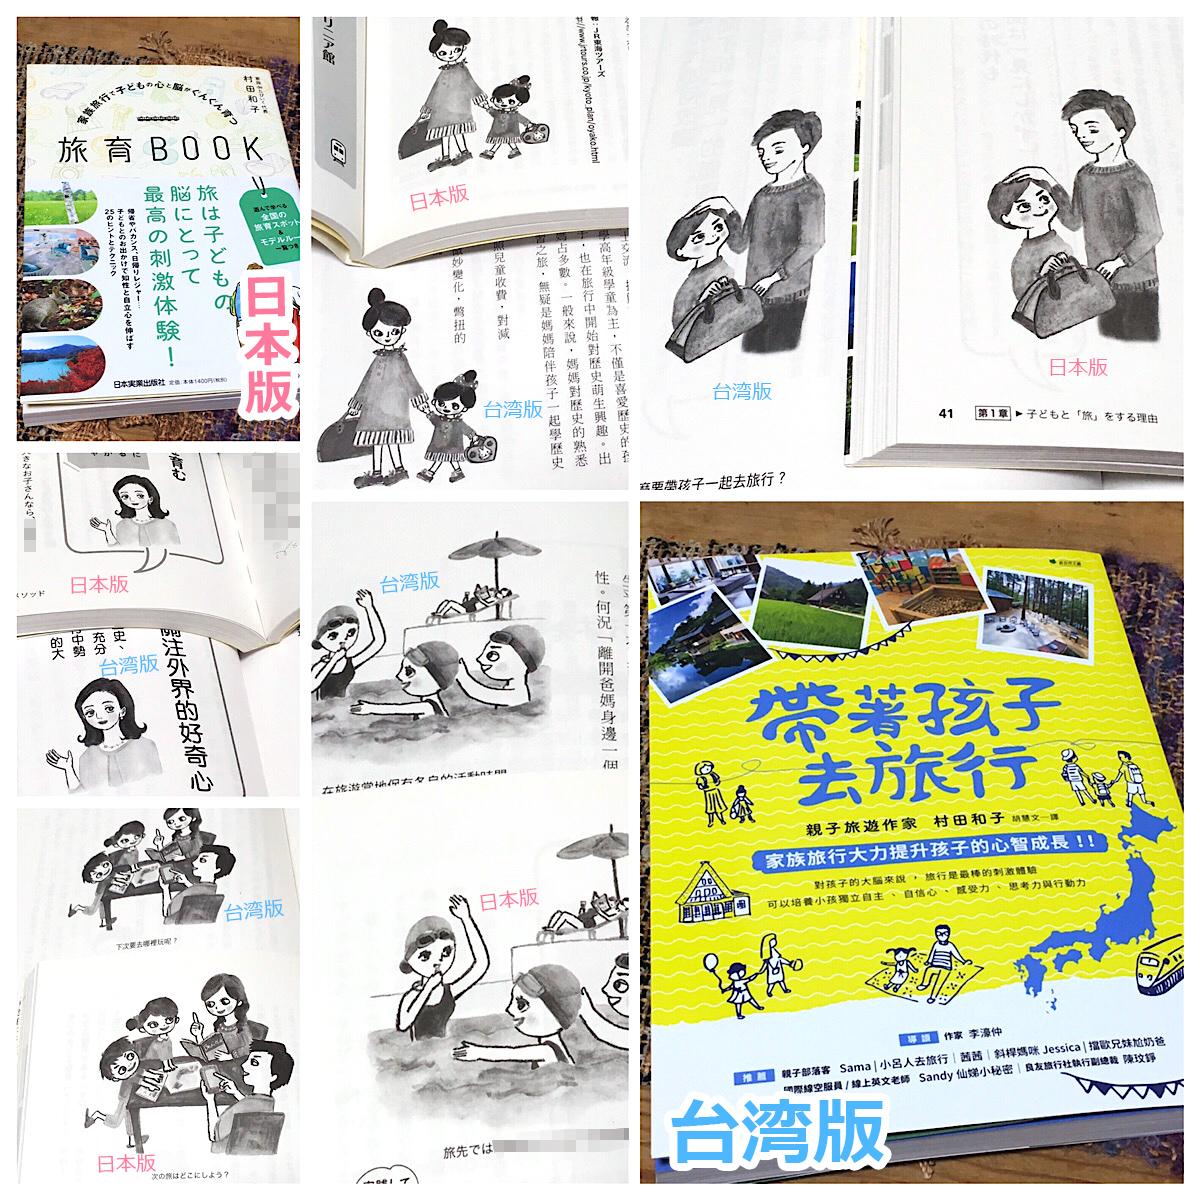 190623_tabiiku_taiwan01.jpg